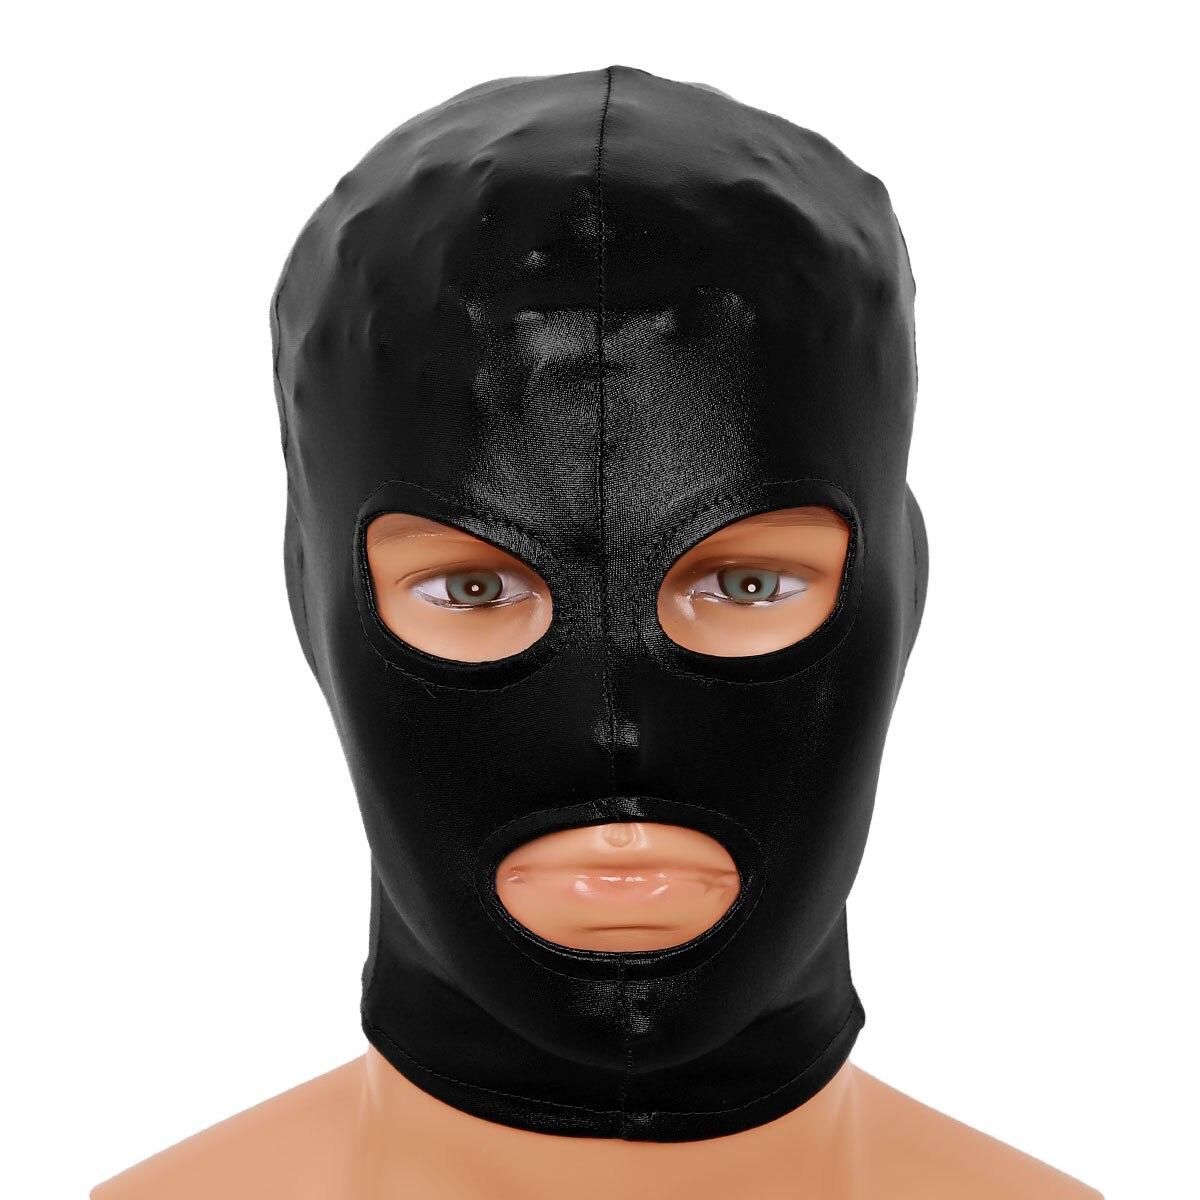 Mouth Mask Roleplay PVC Wet Look Full Head /& Open Eye Mouth Fancy Head Hood Mask